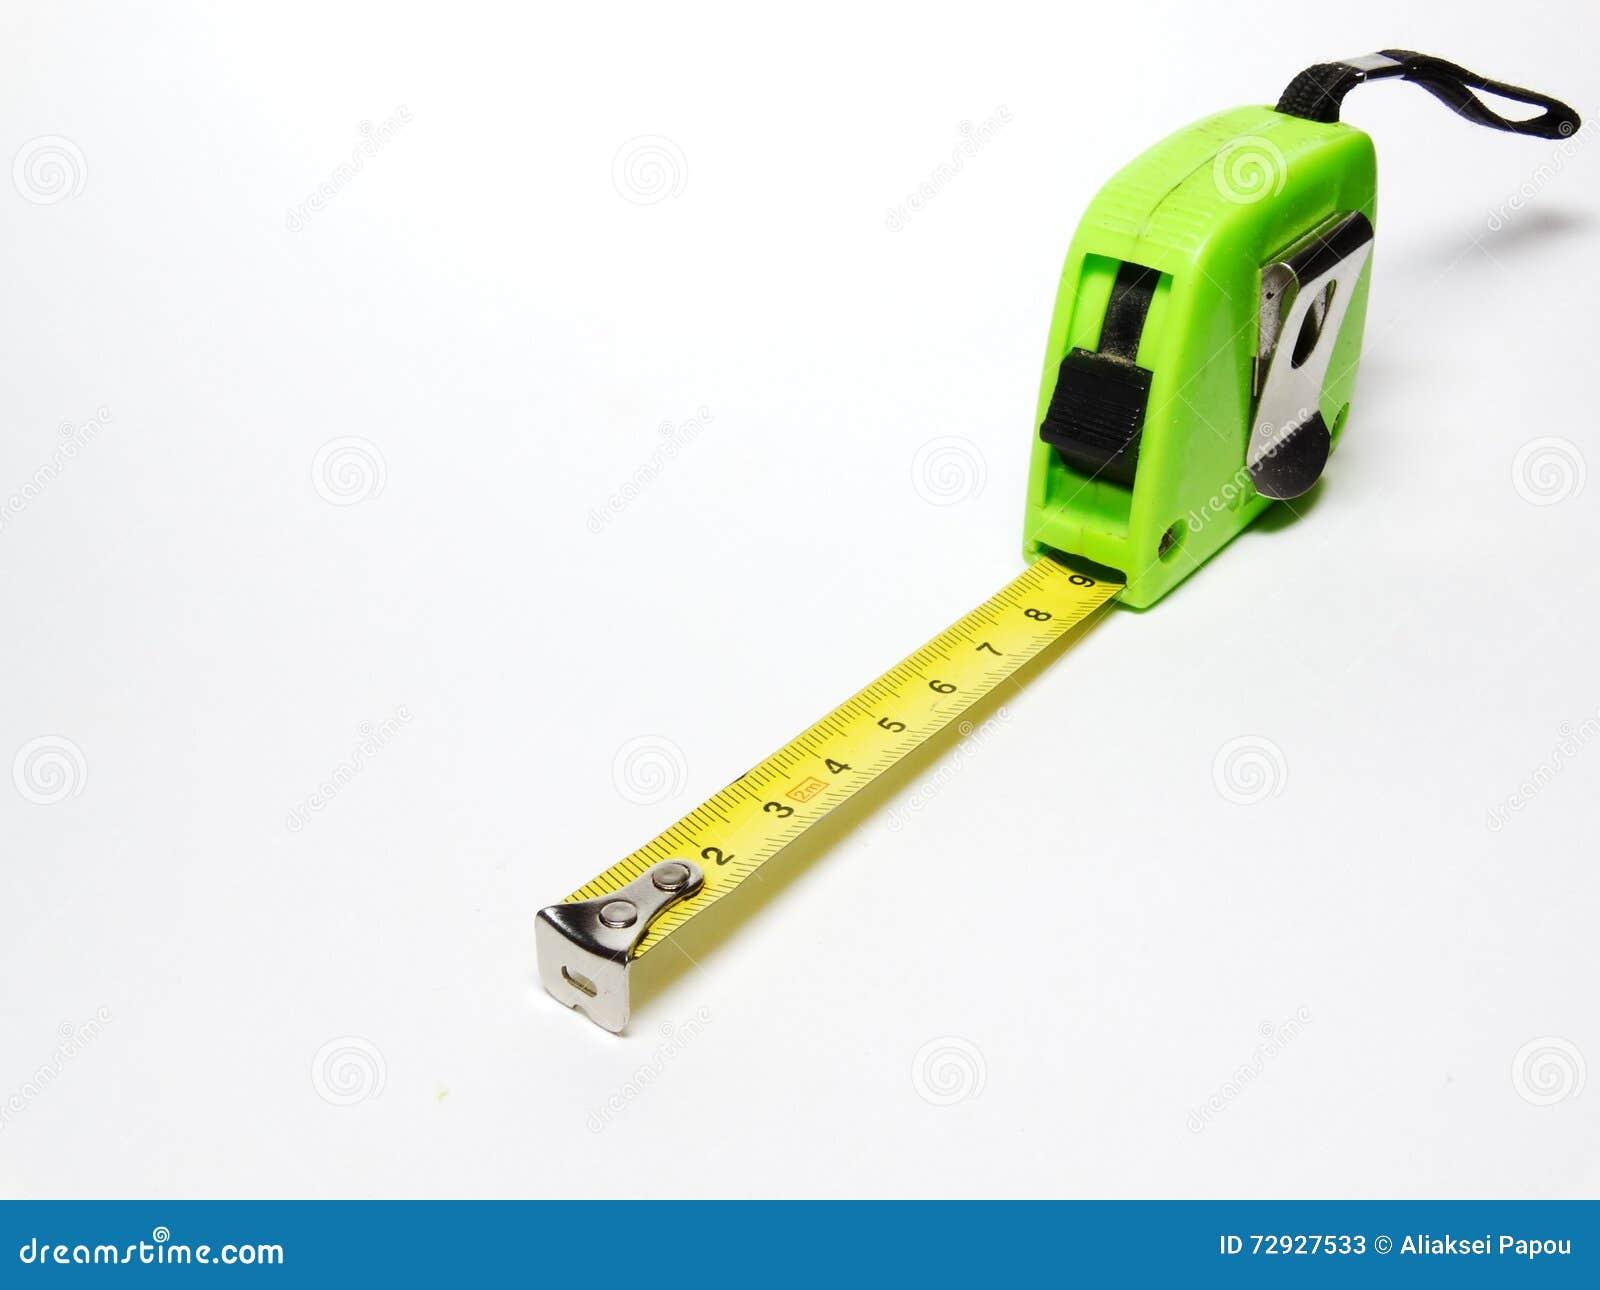 Attachez du ruban adhésif à la mesure de longueur